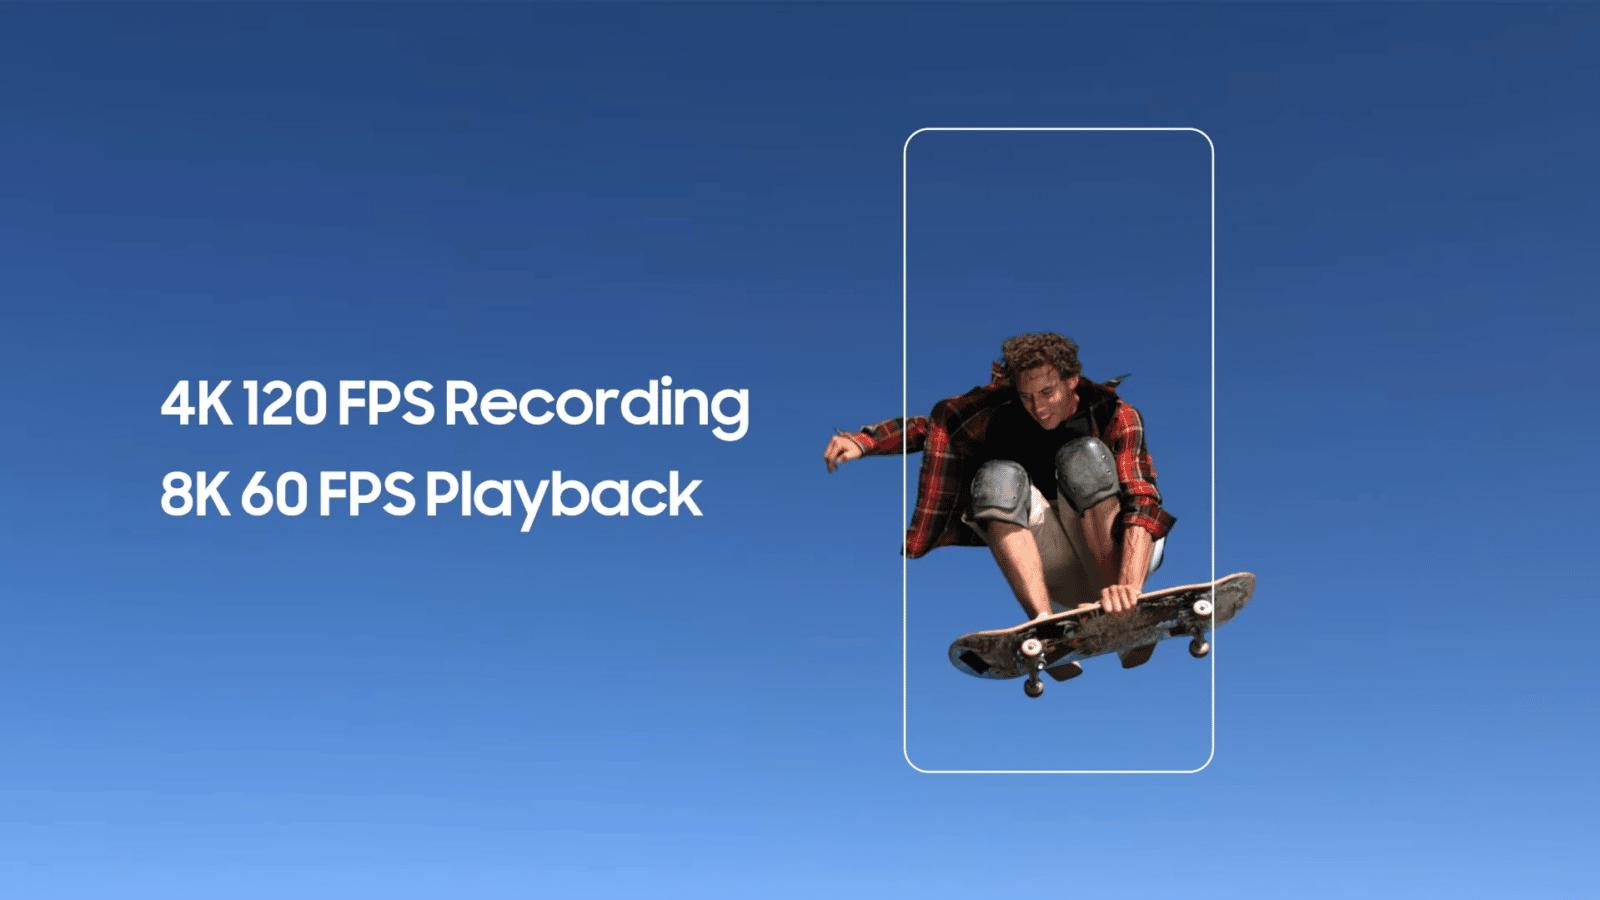 Exynos 2100 4K120 FPS 8K60 FPS